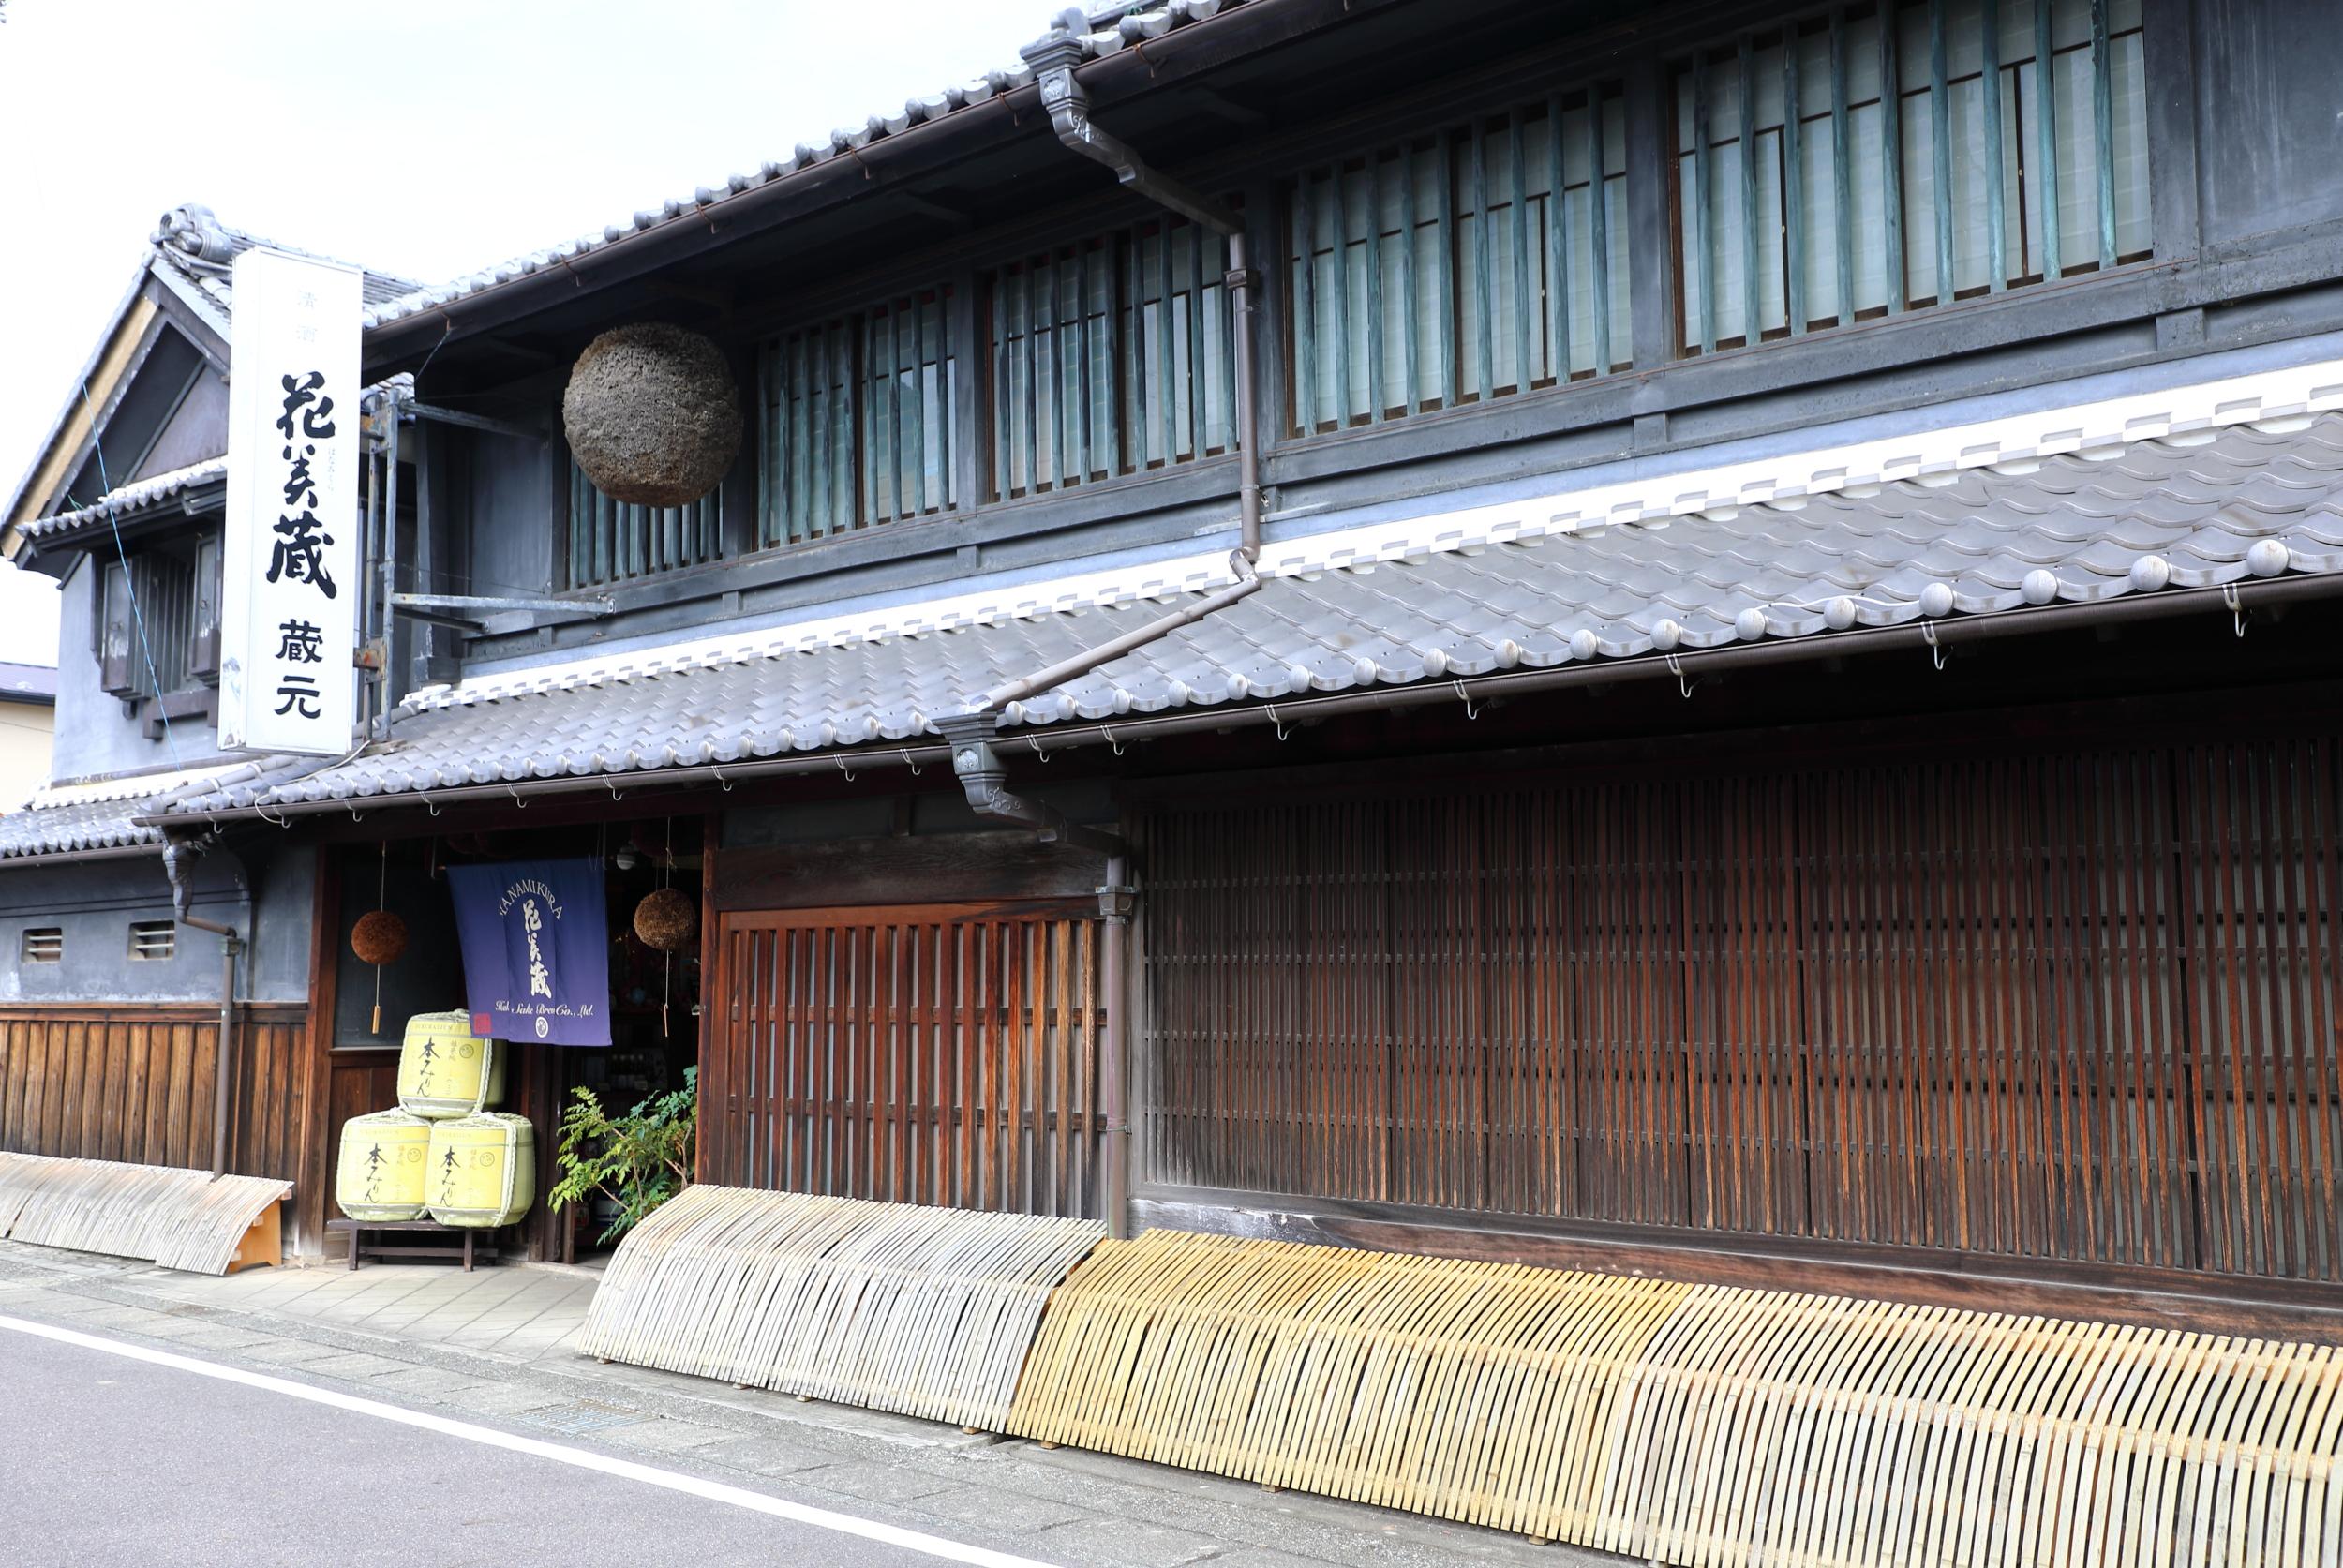 The main Edo-era building of Hakusen Shuzo in Kawabe city.